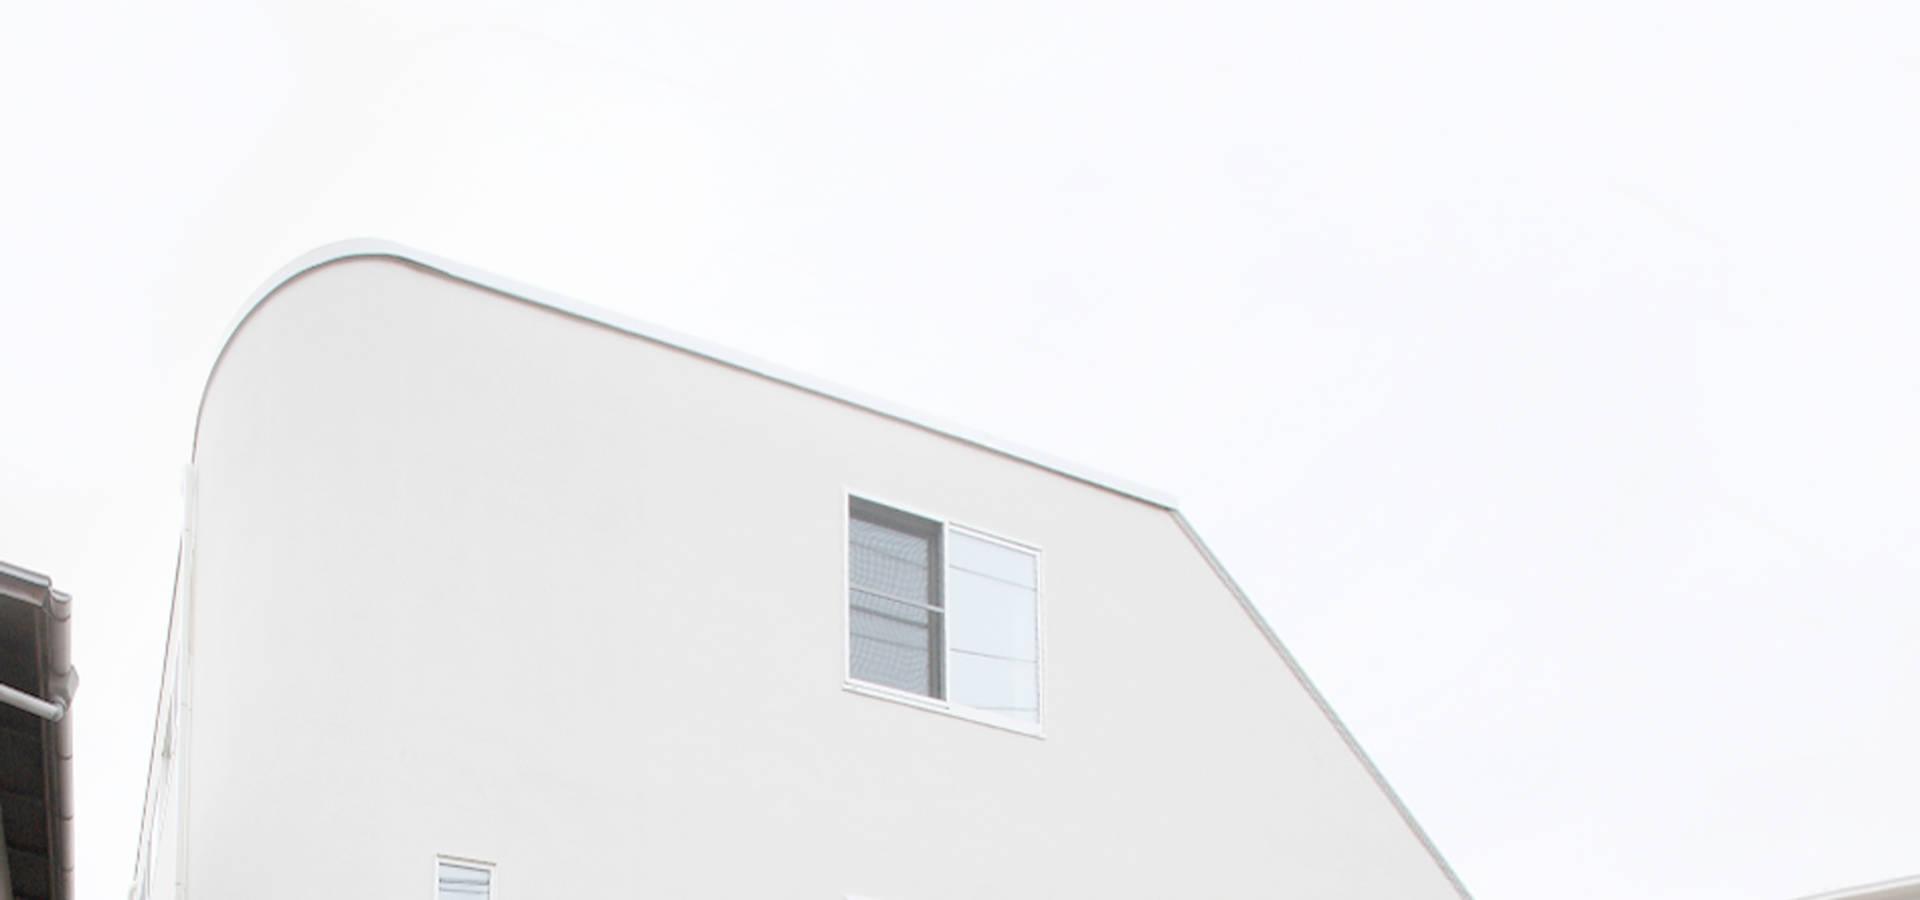 LEVEL Architects